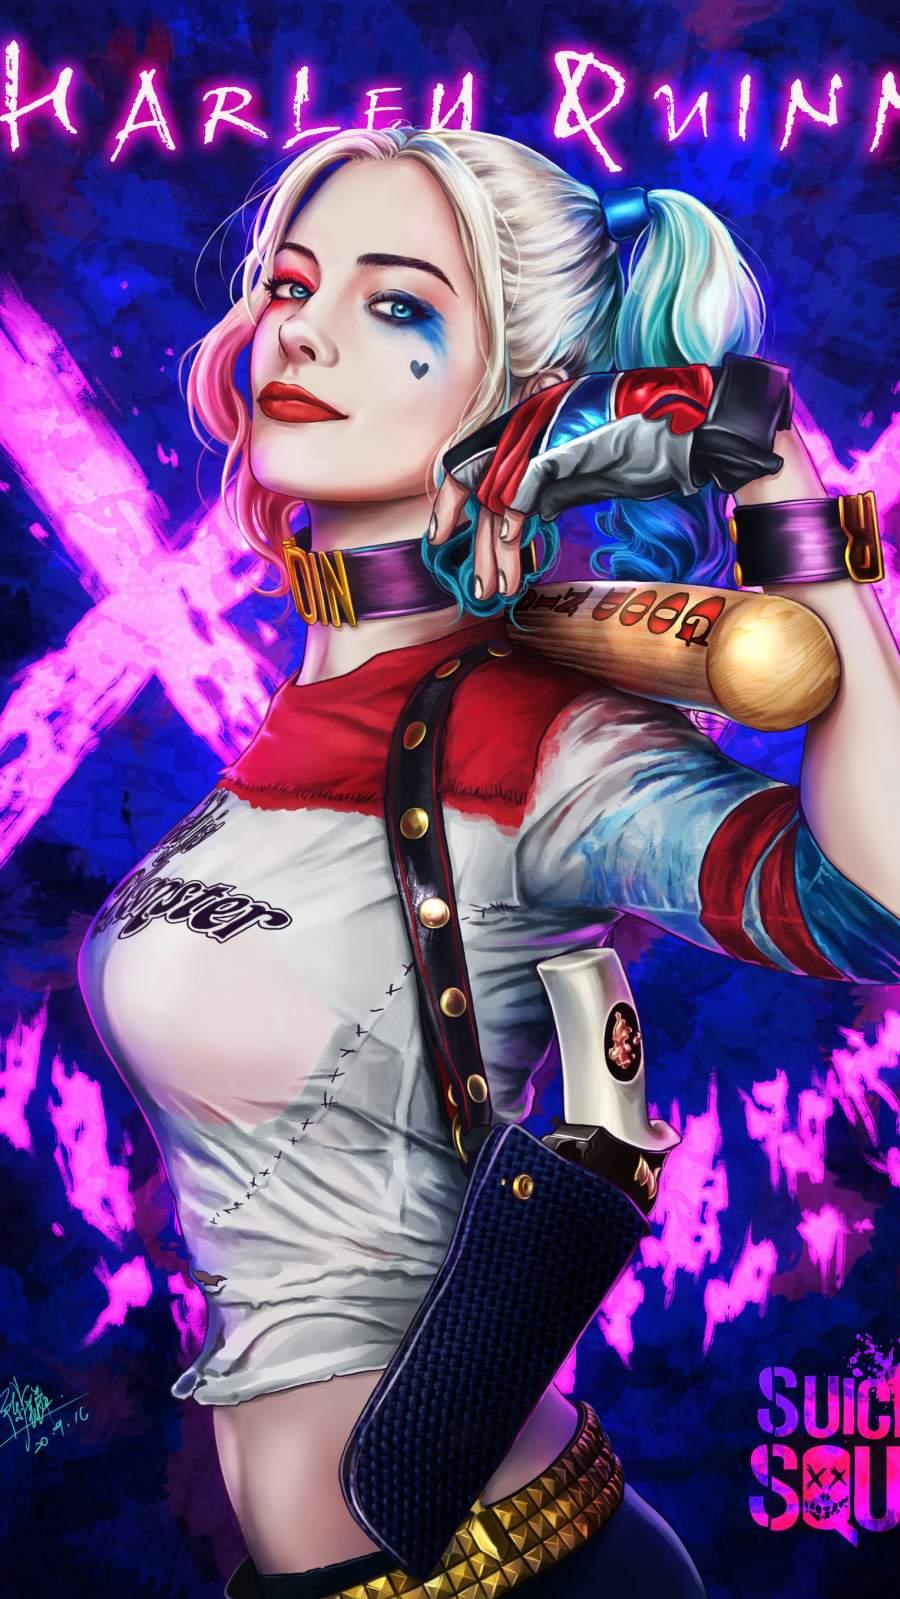 Harley Quinn Art iPhone Wallpaper 1